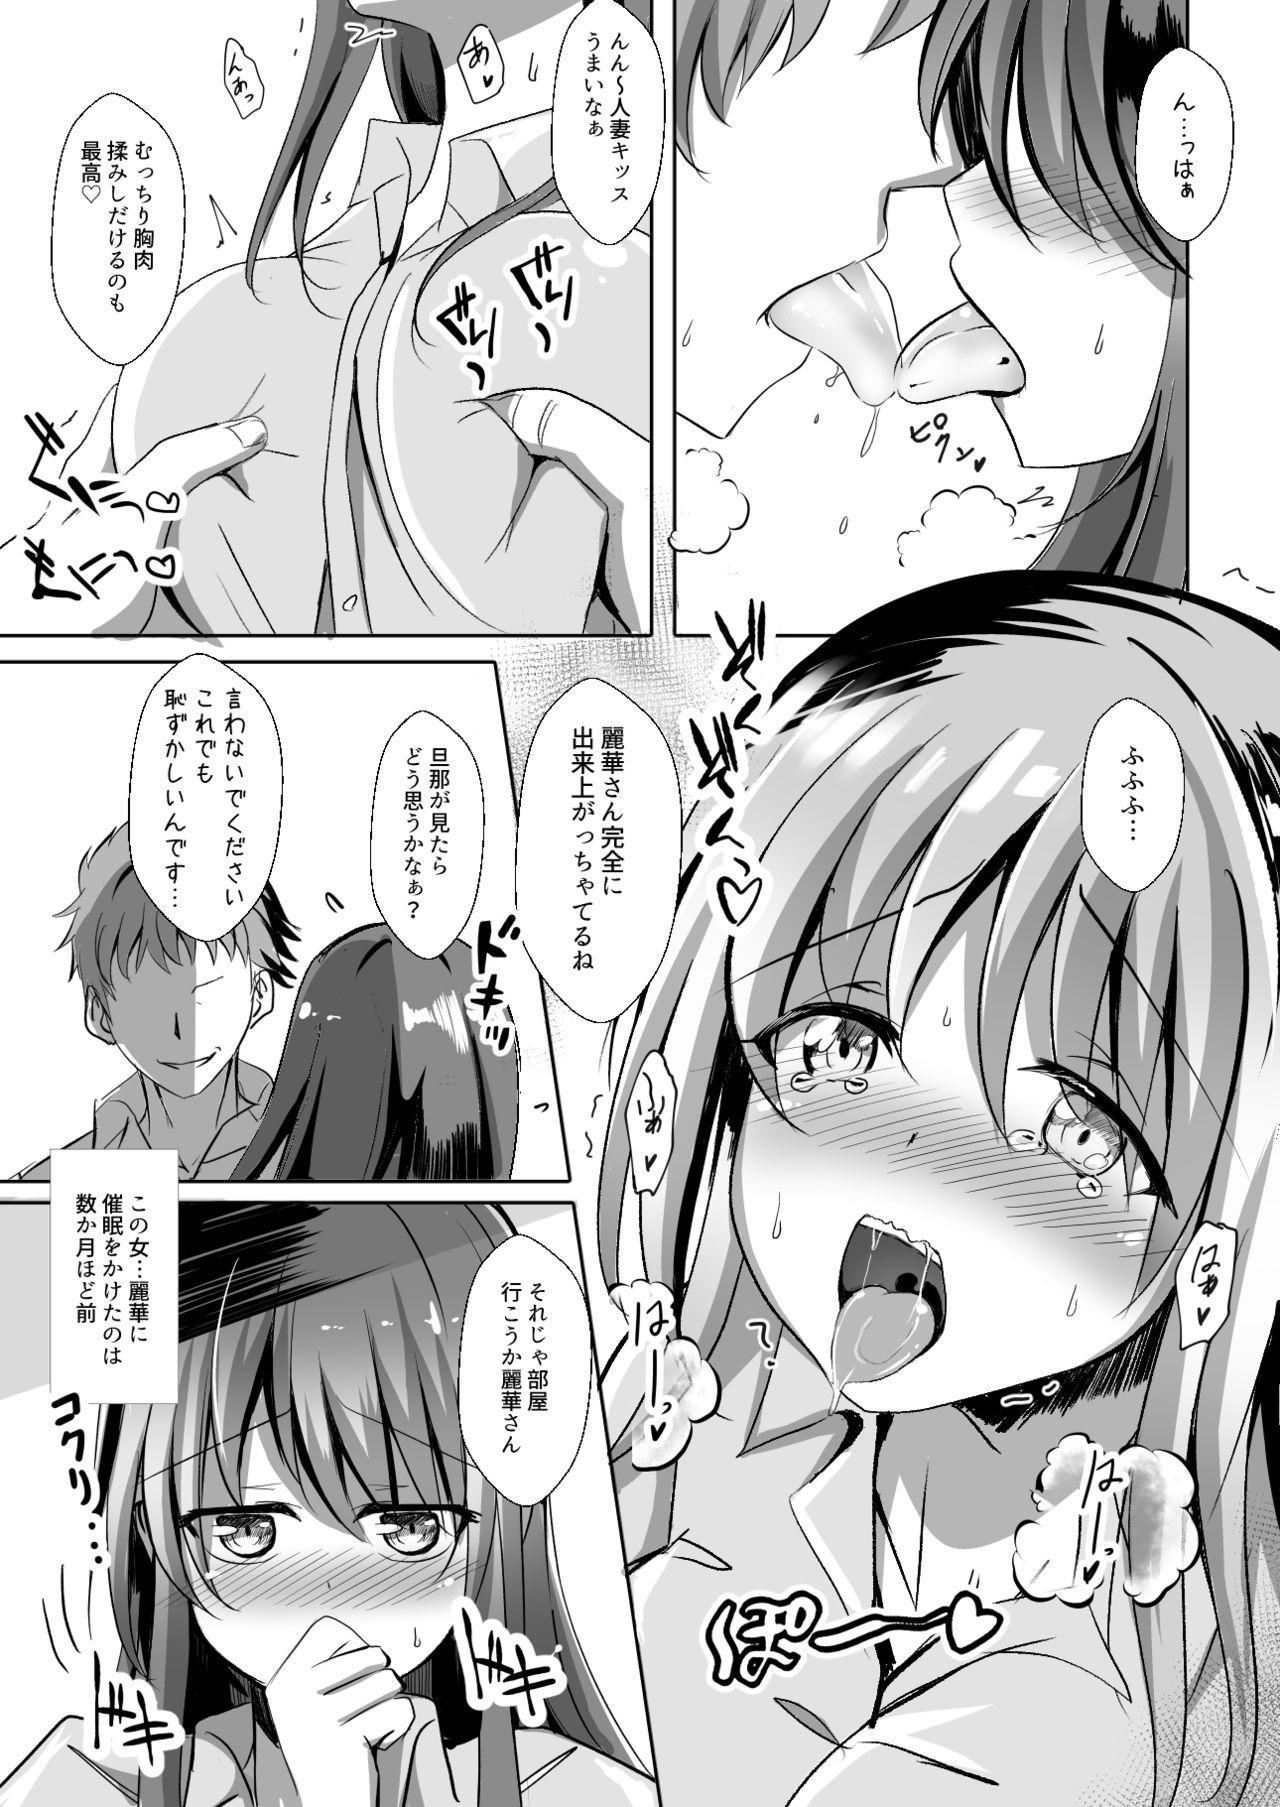 Hitozuma o Saimin Ecchi de Haramaseru made 6